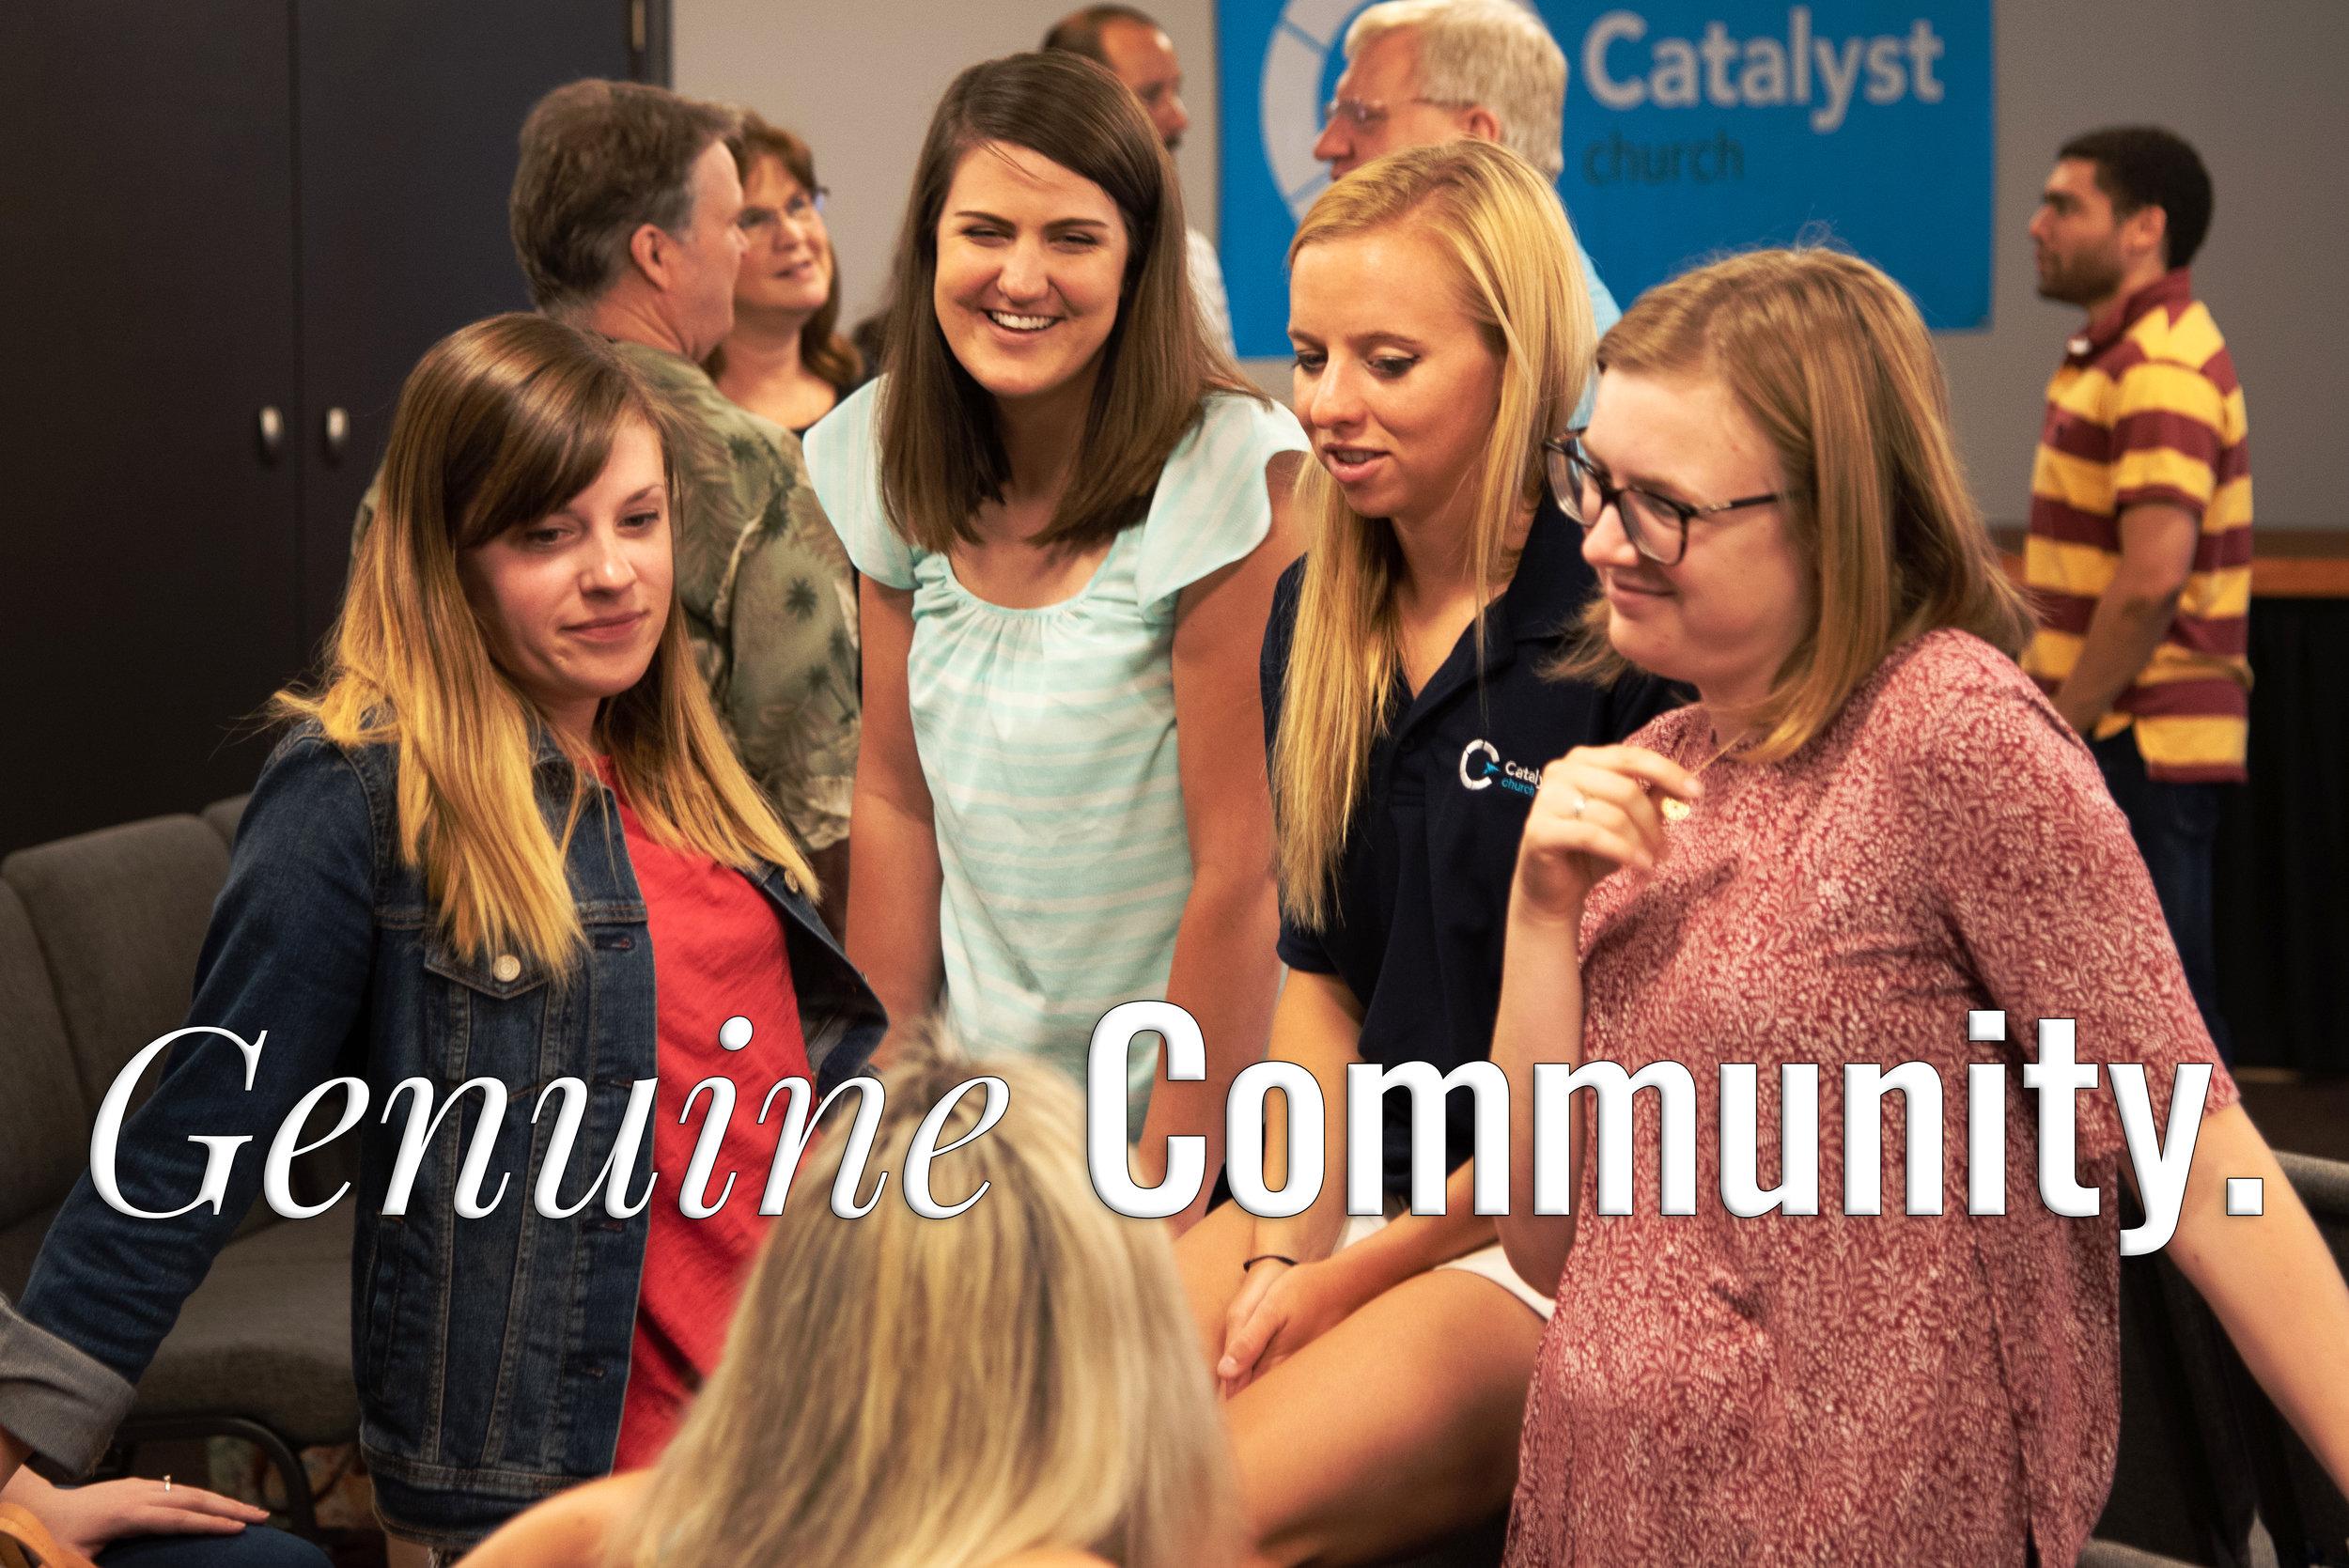 Genunine Community.jpg